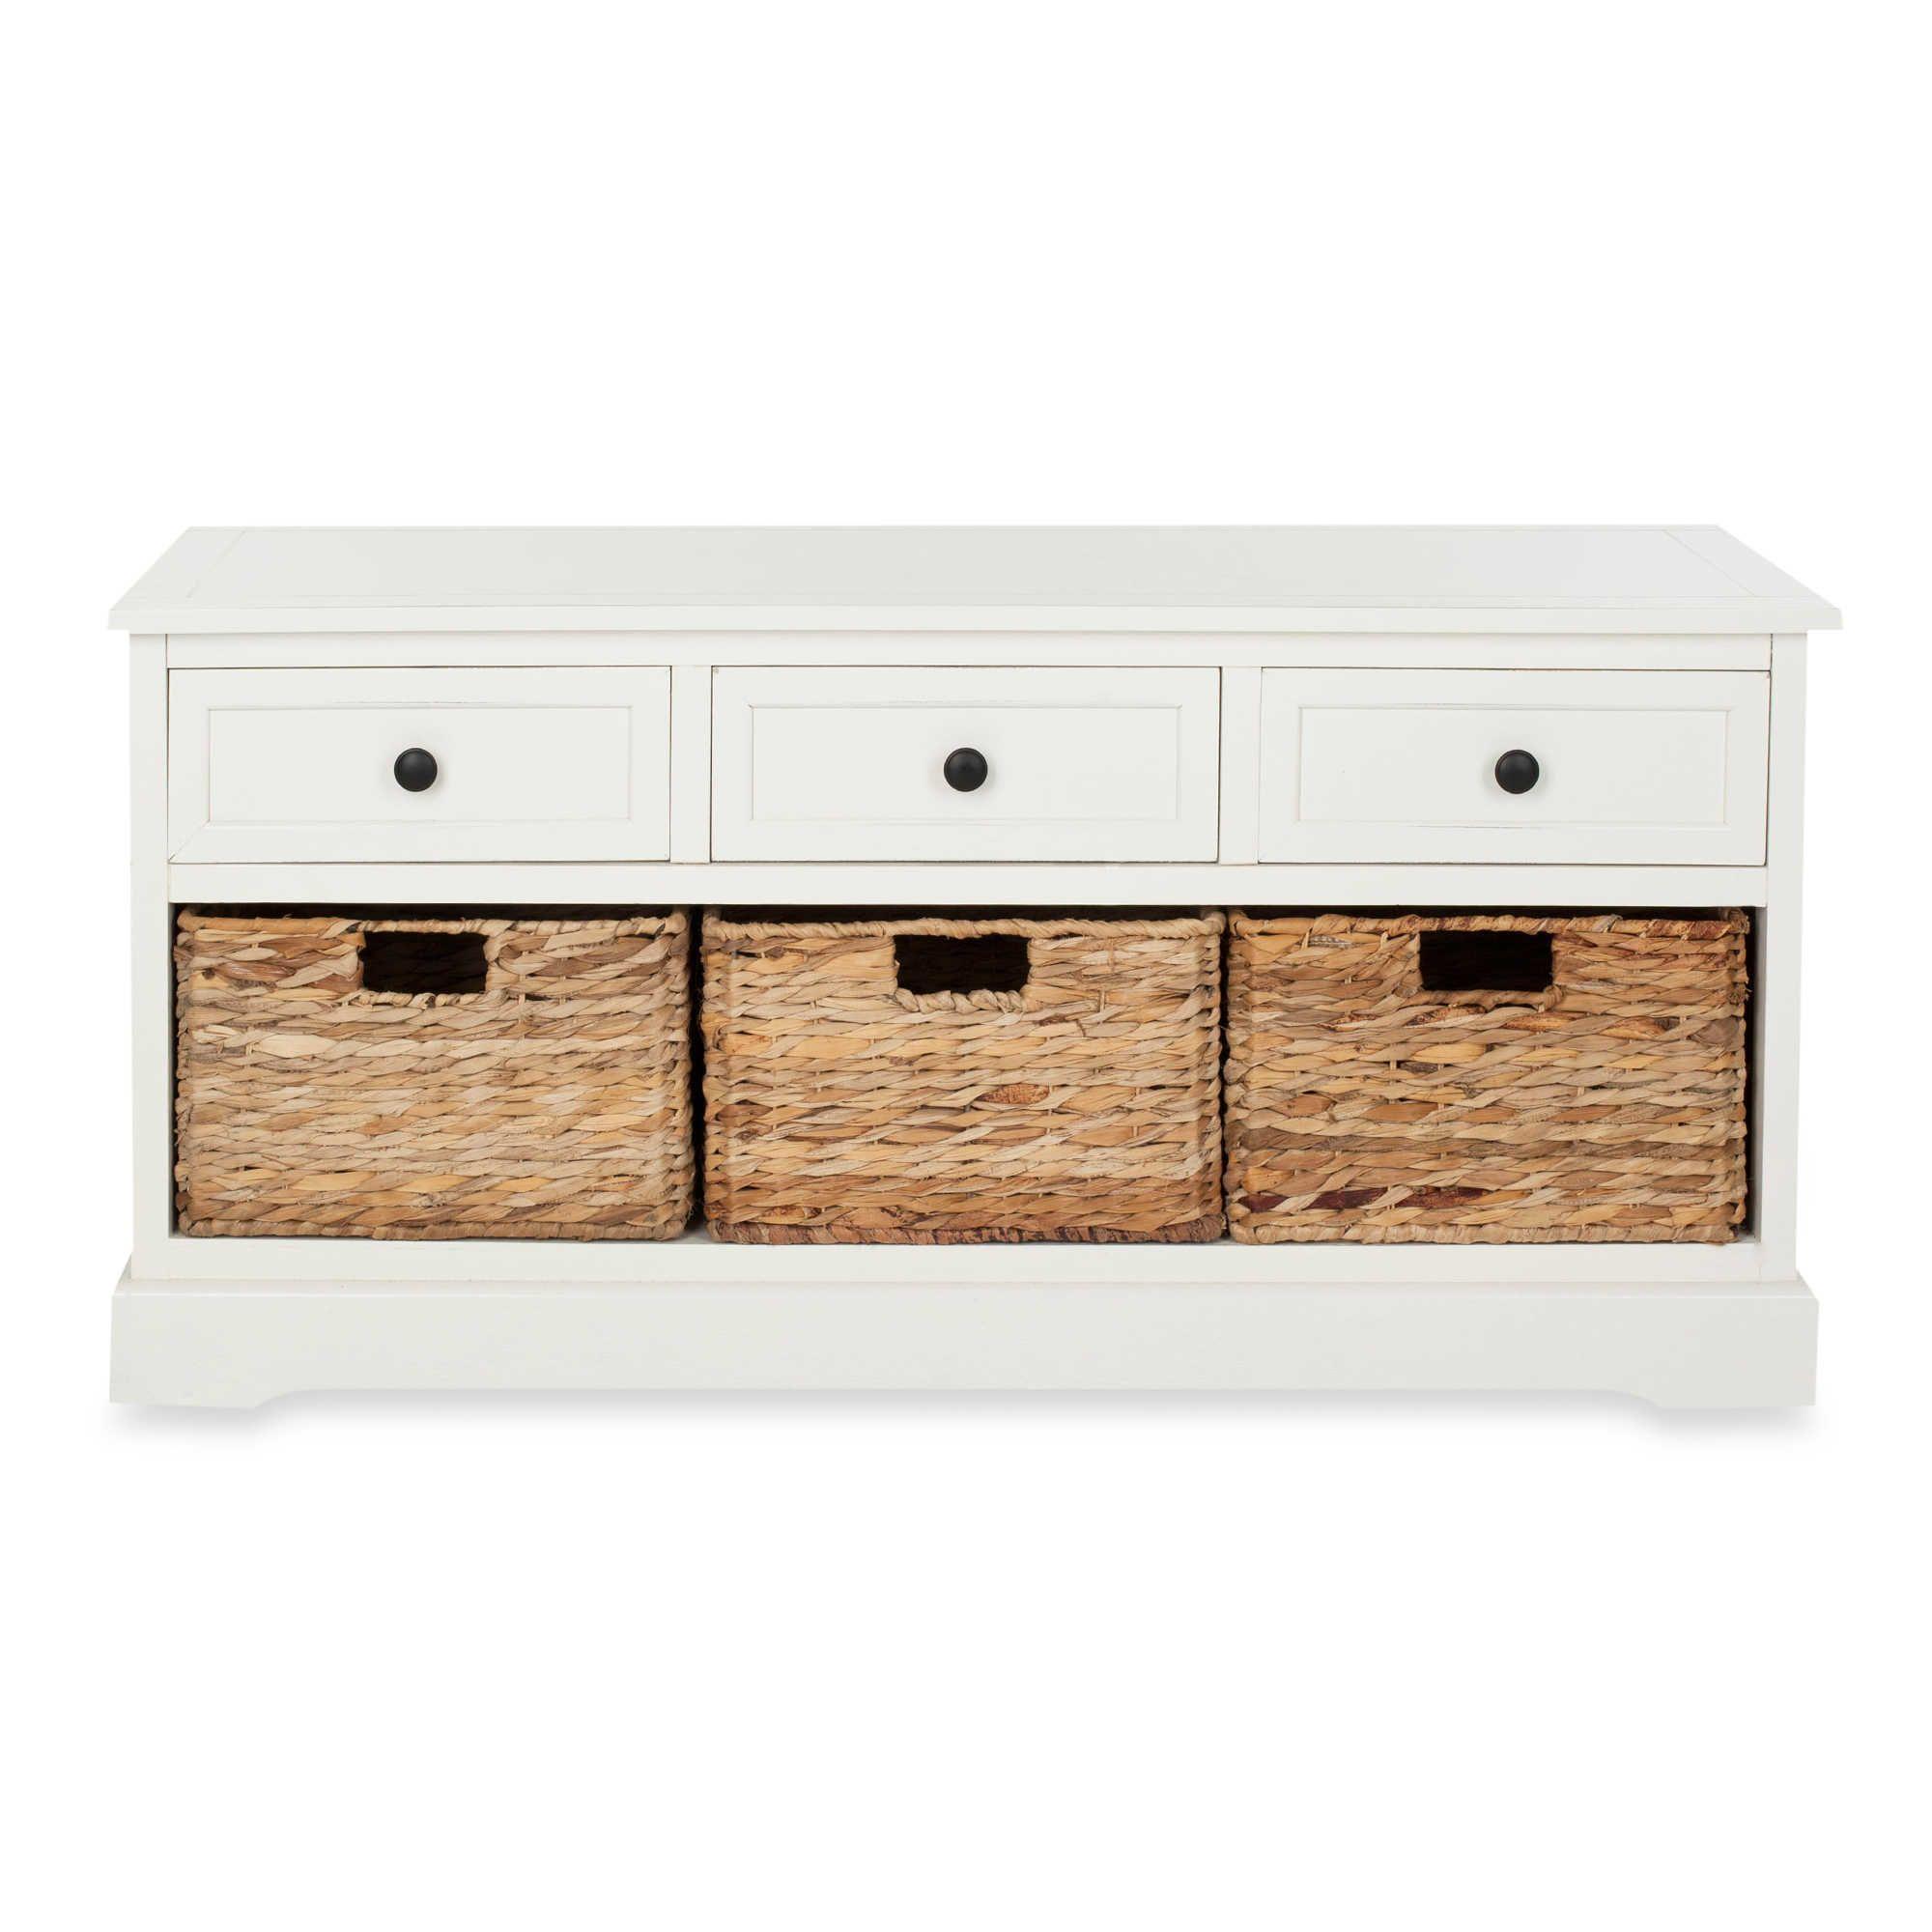 Safavieh Damien 3 Drawer Storage Unit Storage Bench Wood